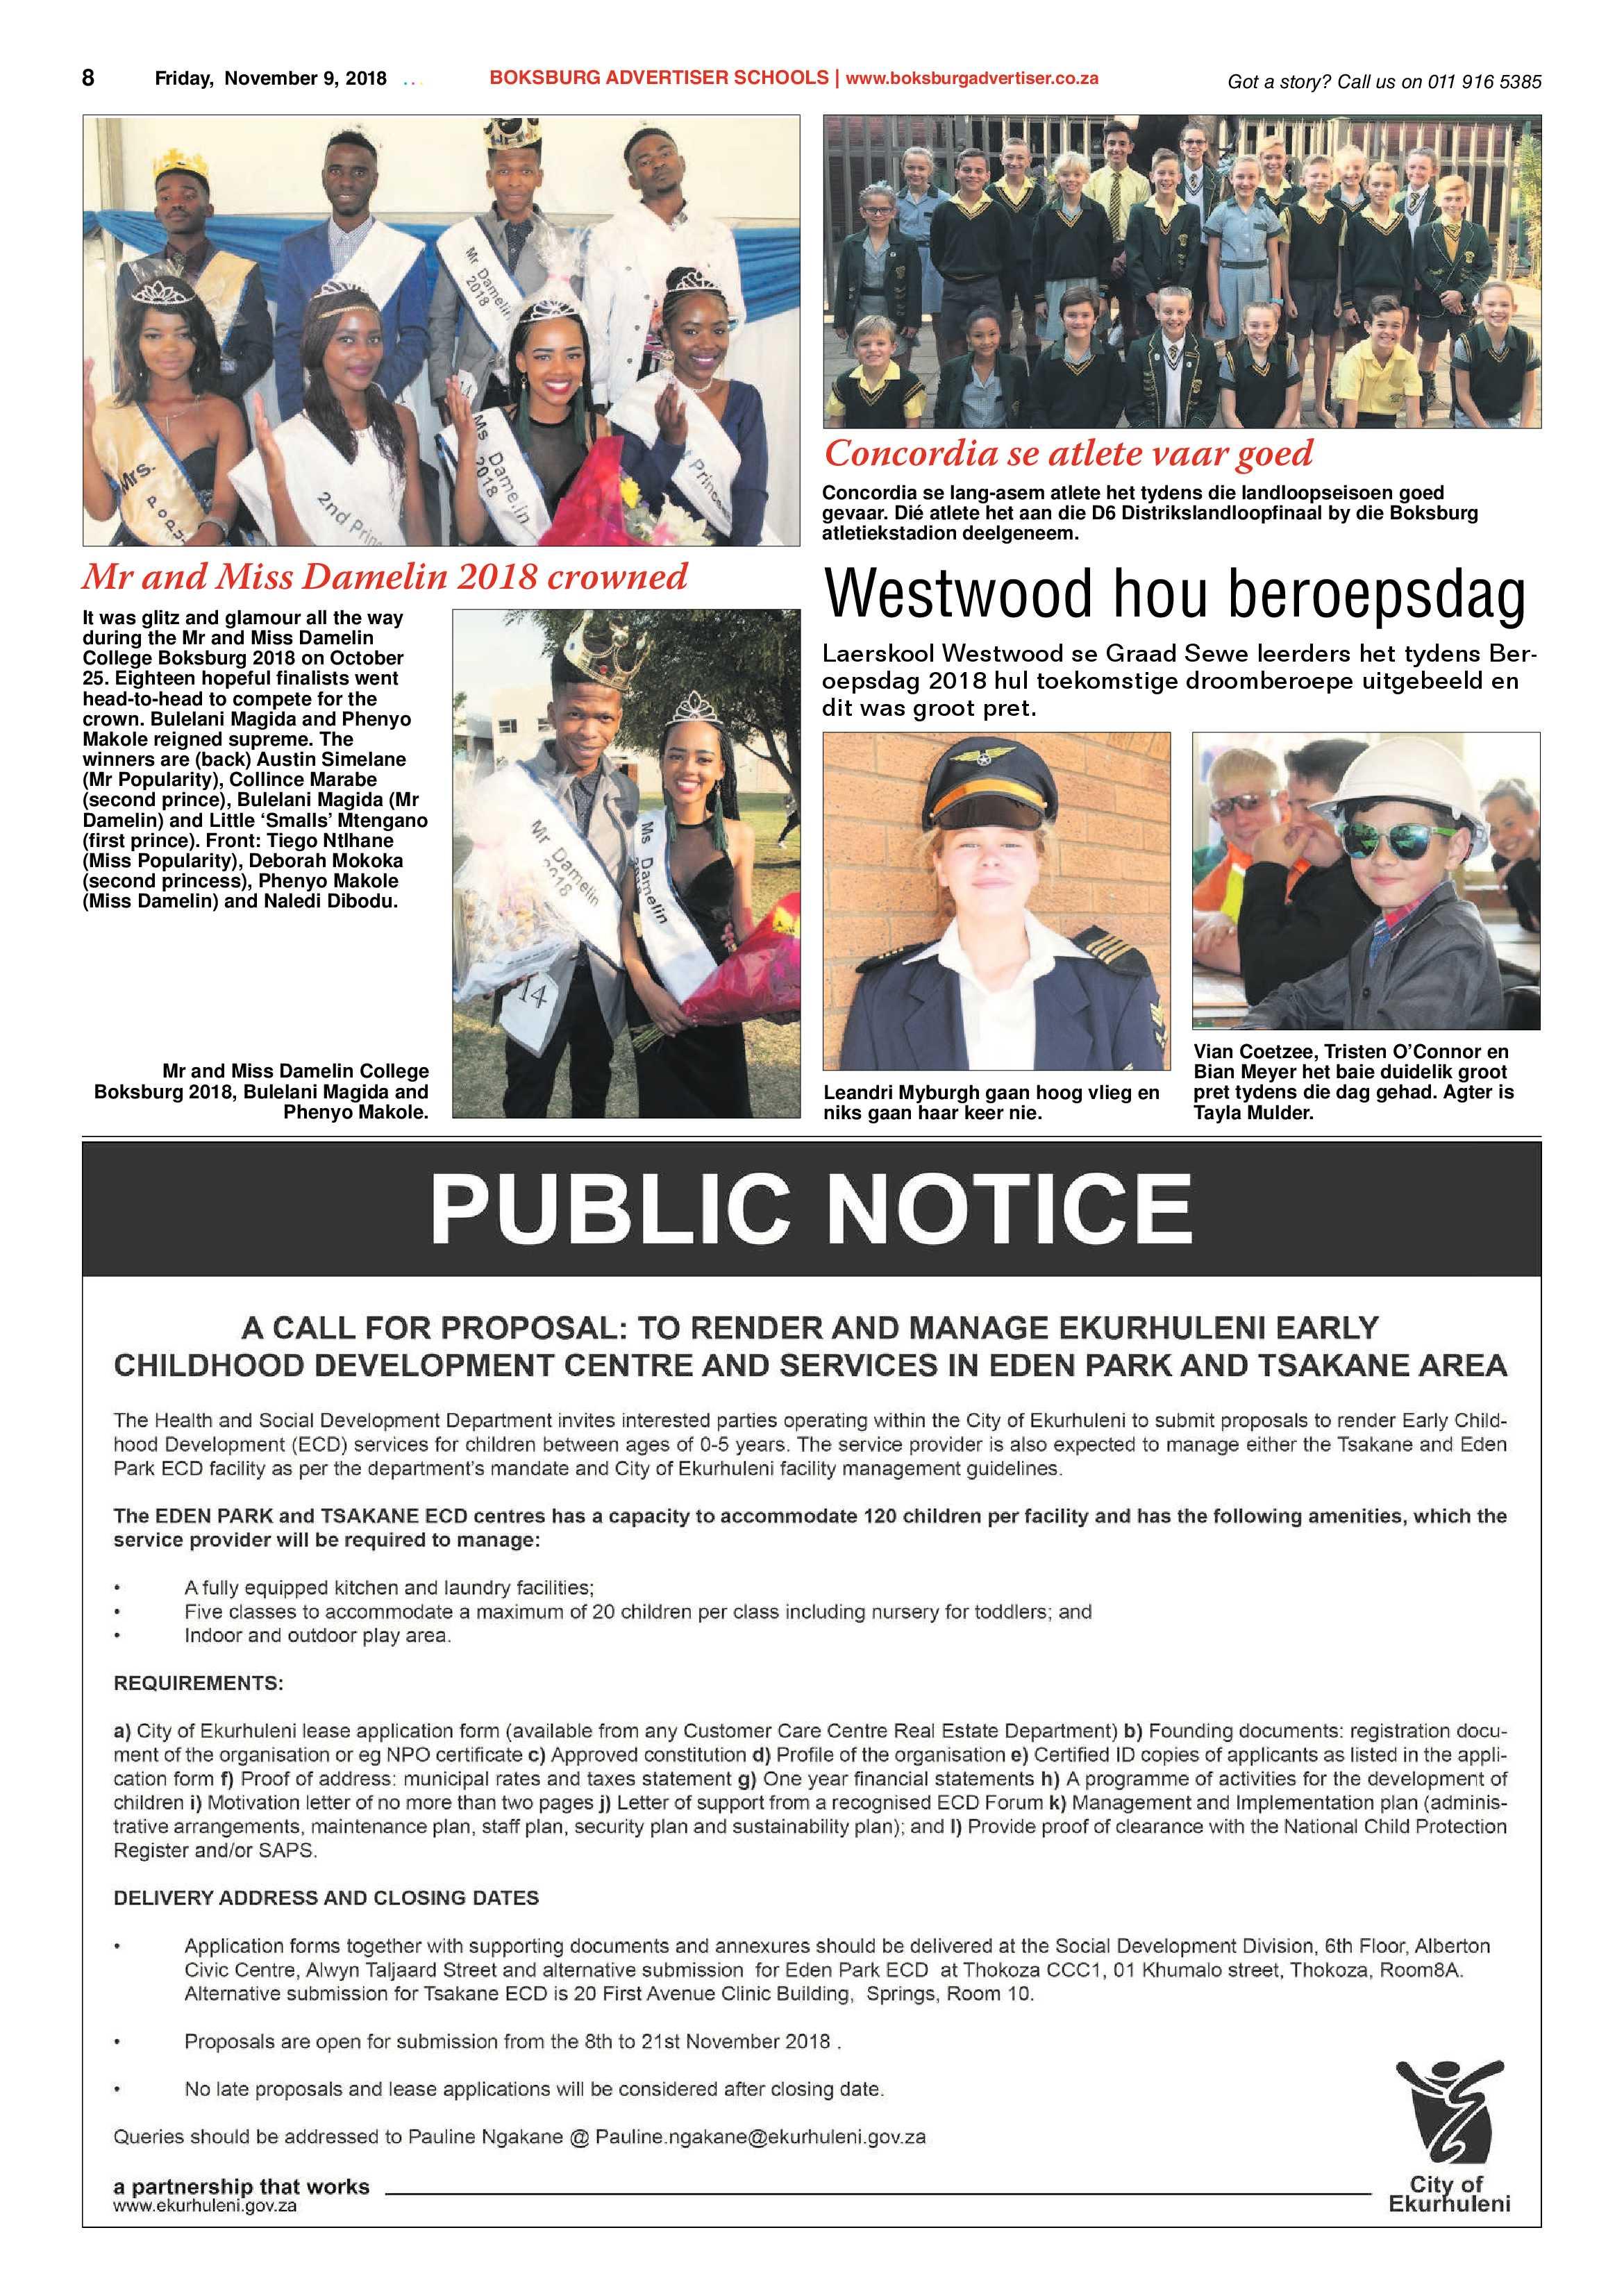 boksburg-advertiser-06-november-2018-epapers-page-8